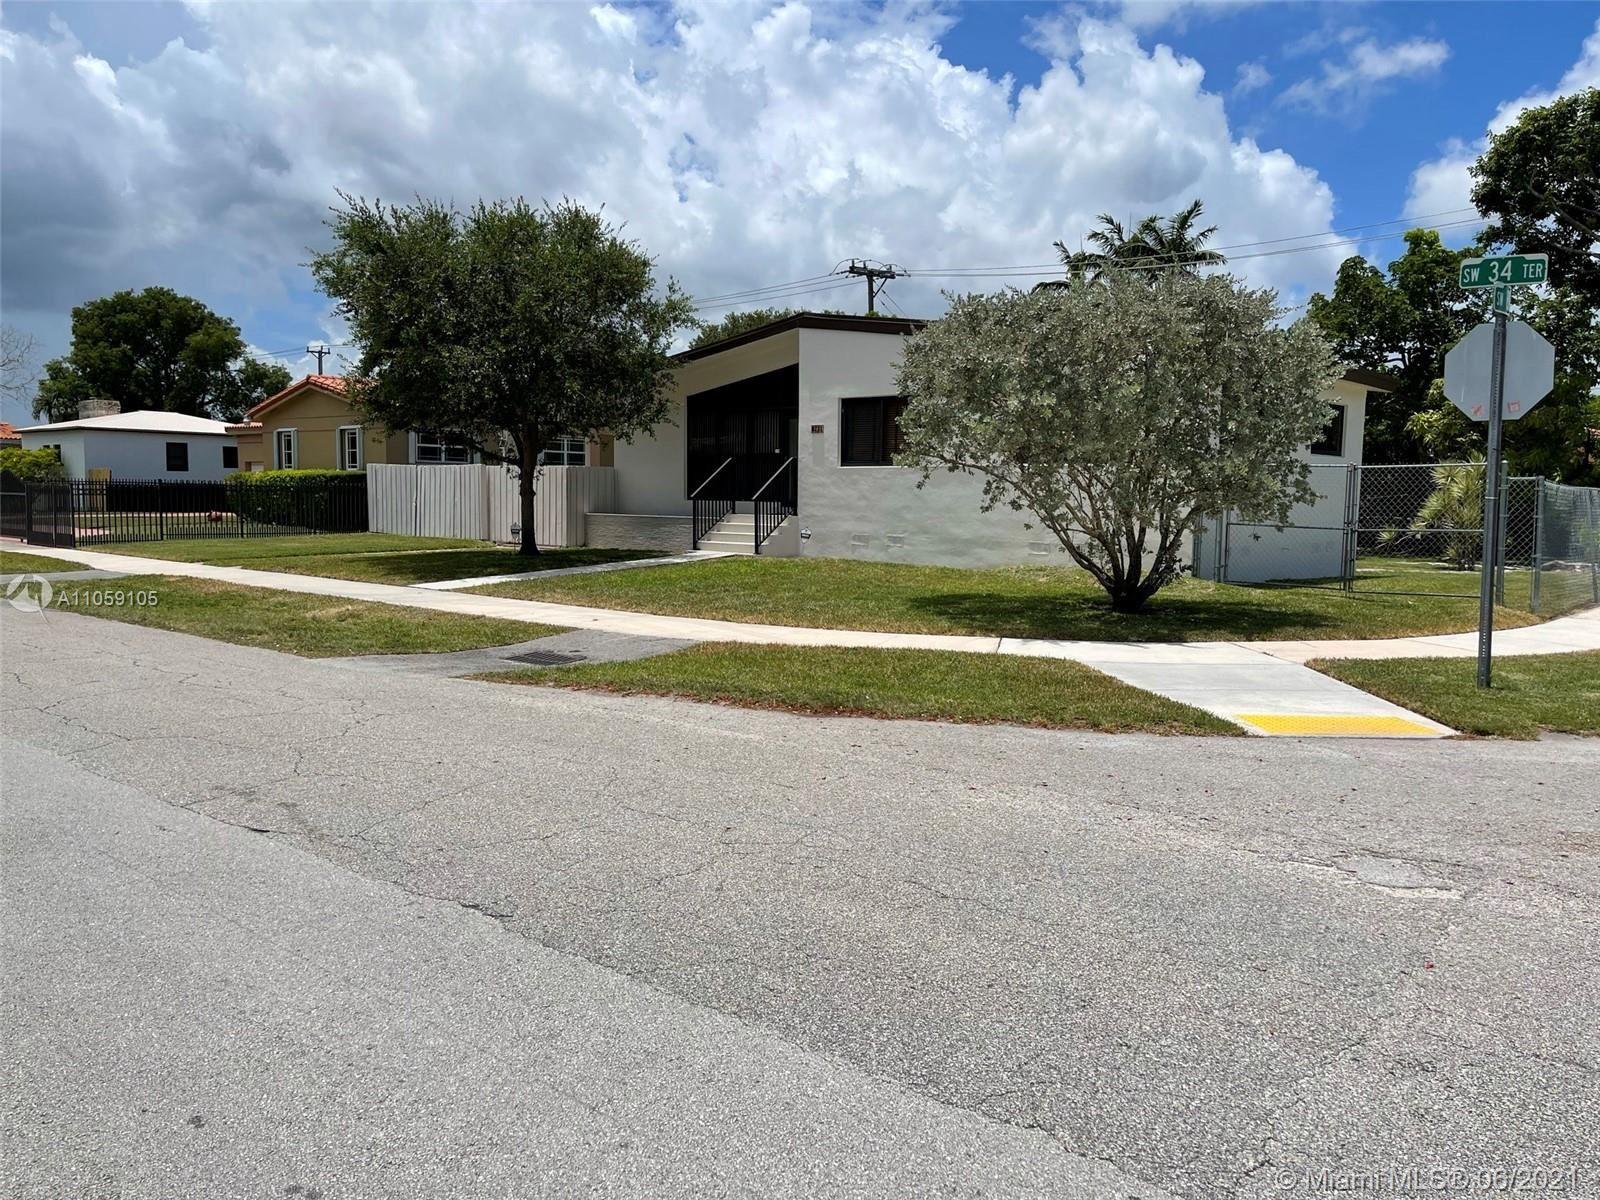 8231 SW 34th Ter, Miami, FL 33155 - #: A11059105